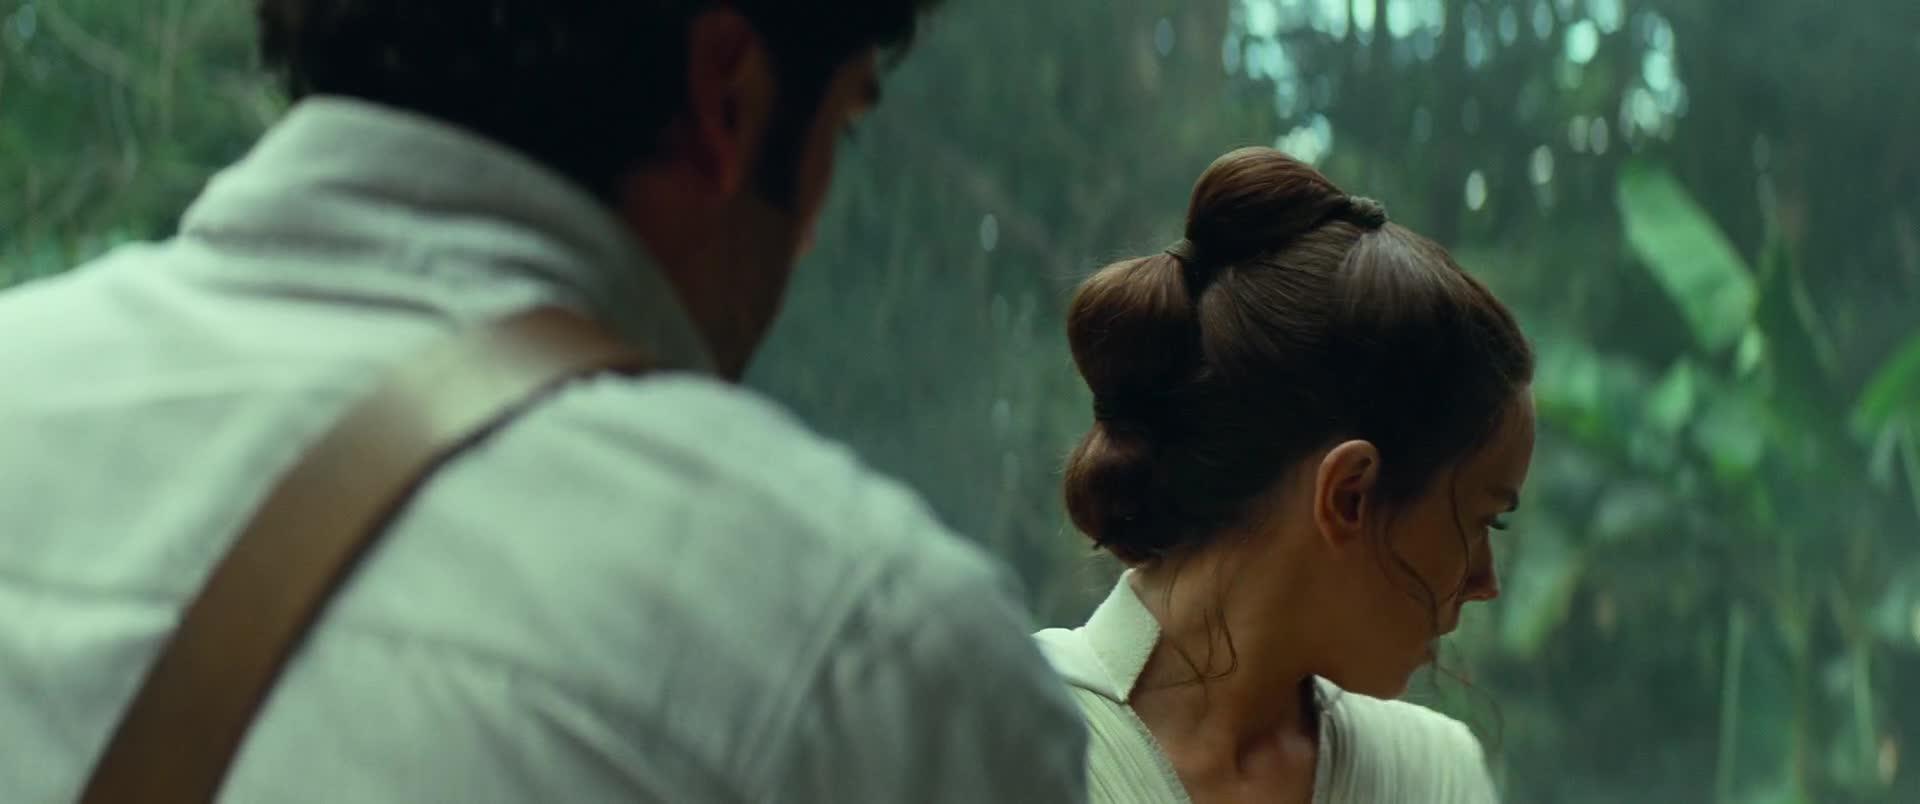 Star Wars Vzestup Skywalkera 2019 CZ titulky HD 1080p